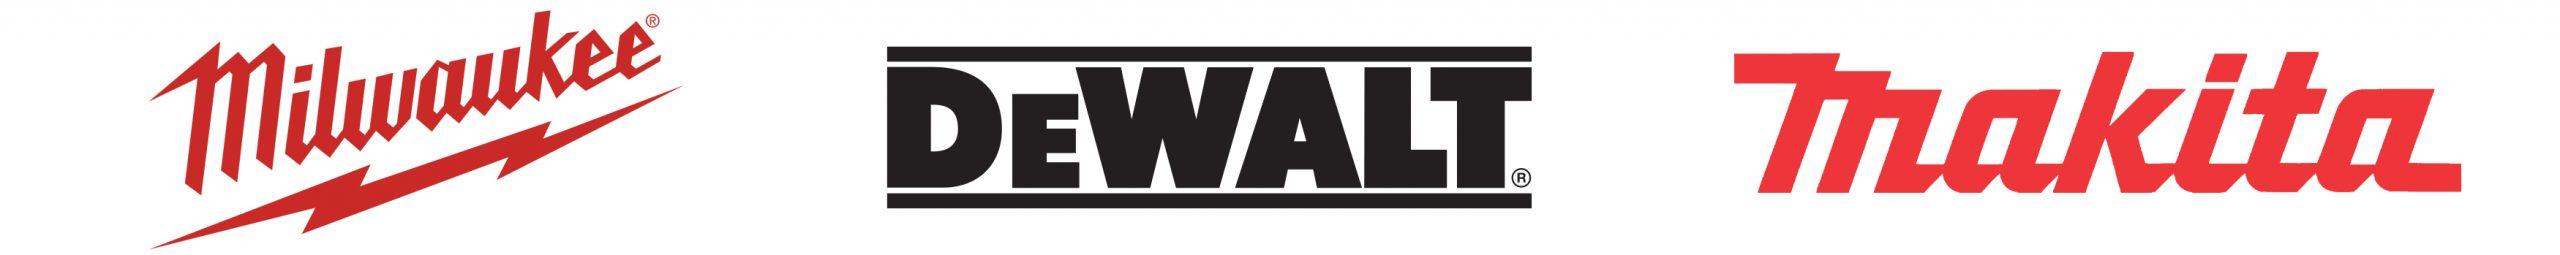 Milwakee Dewalt and Makita Logos